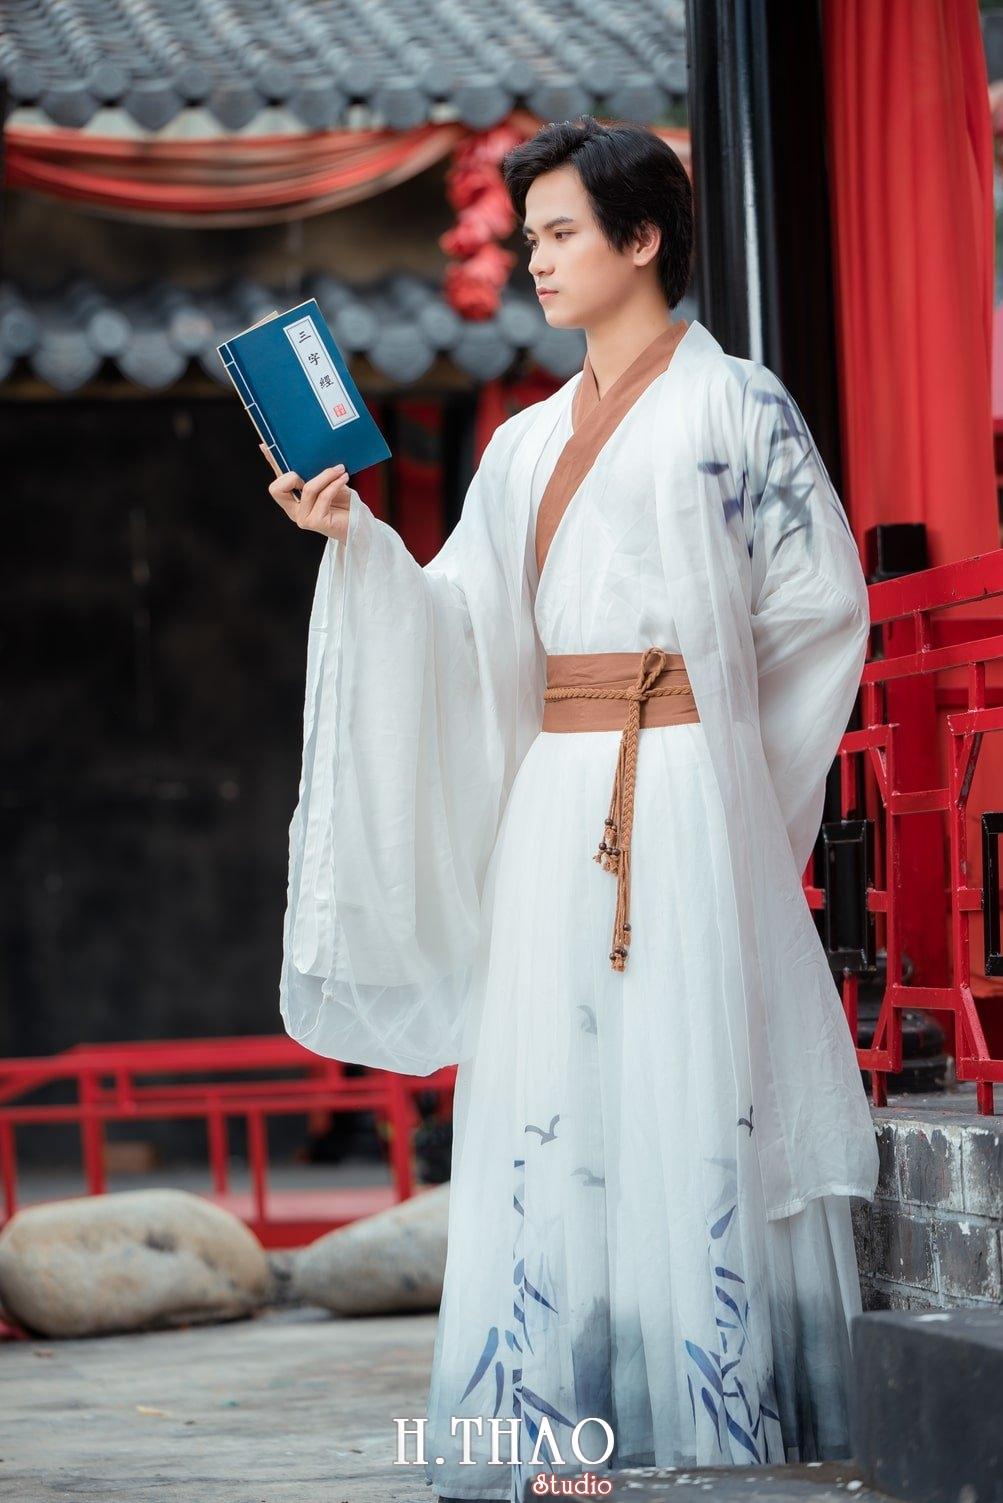 Anh co trang nam 5 - Album ảnh cổ trang nam phong cách thư sinh đẹp lạ mắt – HThao Studio